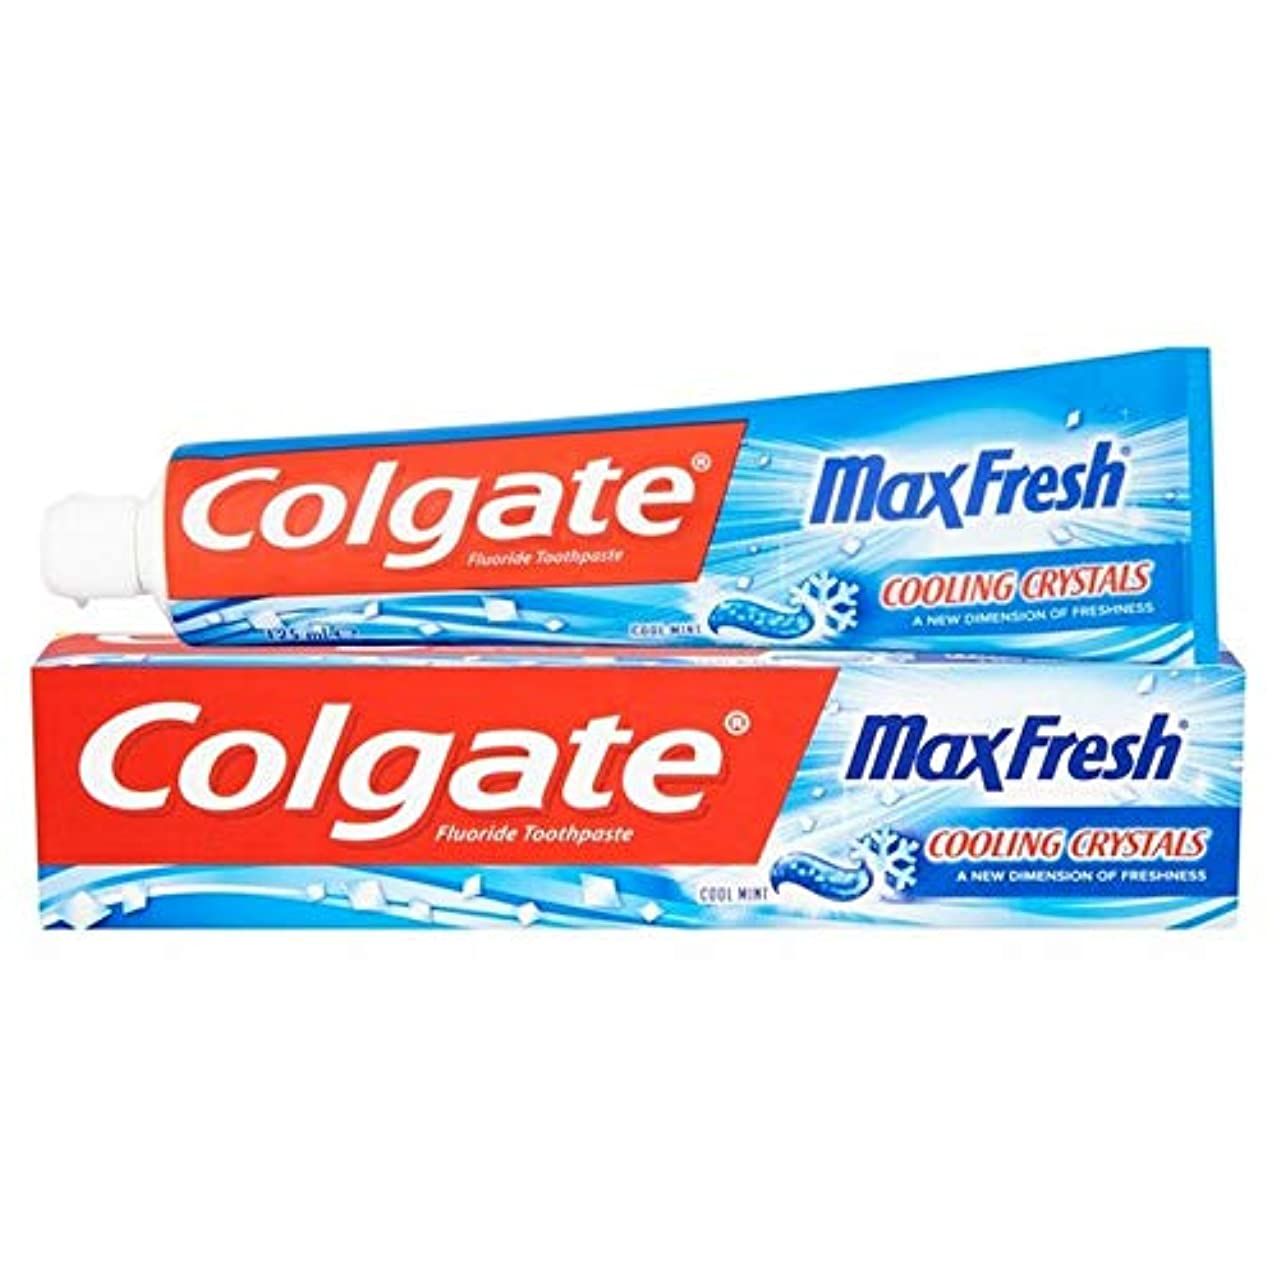 素晴らしいです燃料シーケンス[Colgate ] 冷却結晶歯磨き粉の125ミリリットル新鮮なコルゲートマックス - Colgate Max Fresh with Cooling Crystals Toothpaste 125ml [並行輸入品]